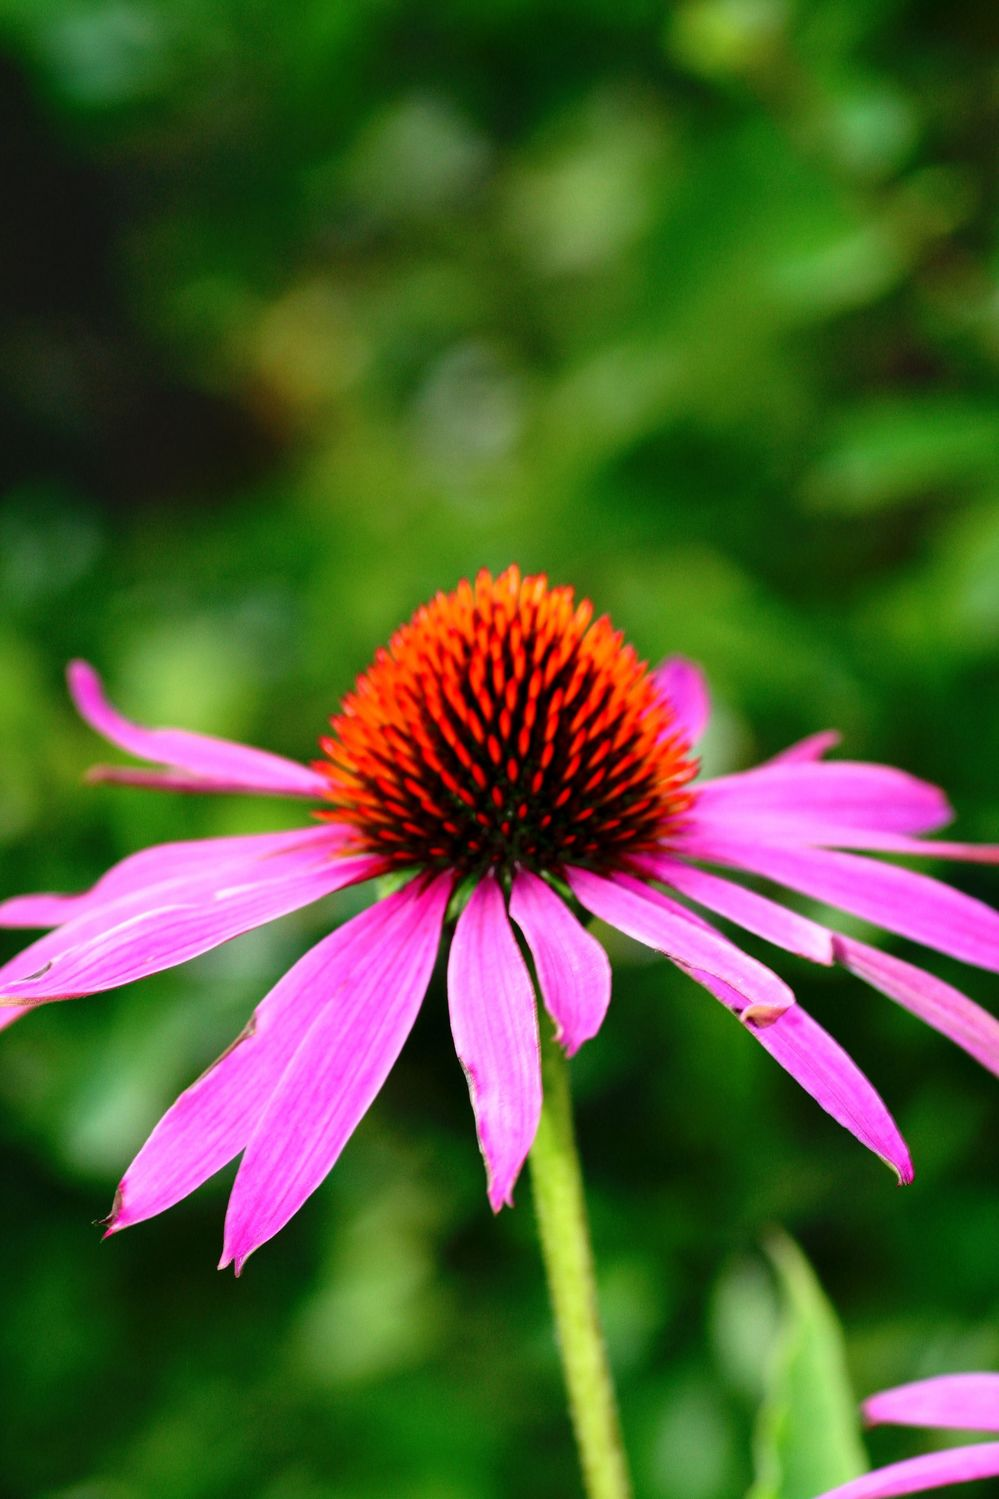 Bild mit Farben, Natur, Pflanzen, Blumen, Rosa, Korbblütler, Sonnenhüte, Blume, Pflanze, Echinacea, Igelkopf, Scheinsonnenhüte